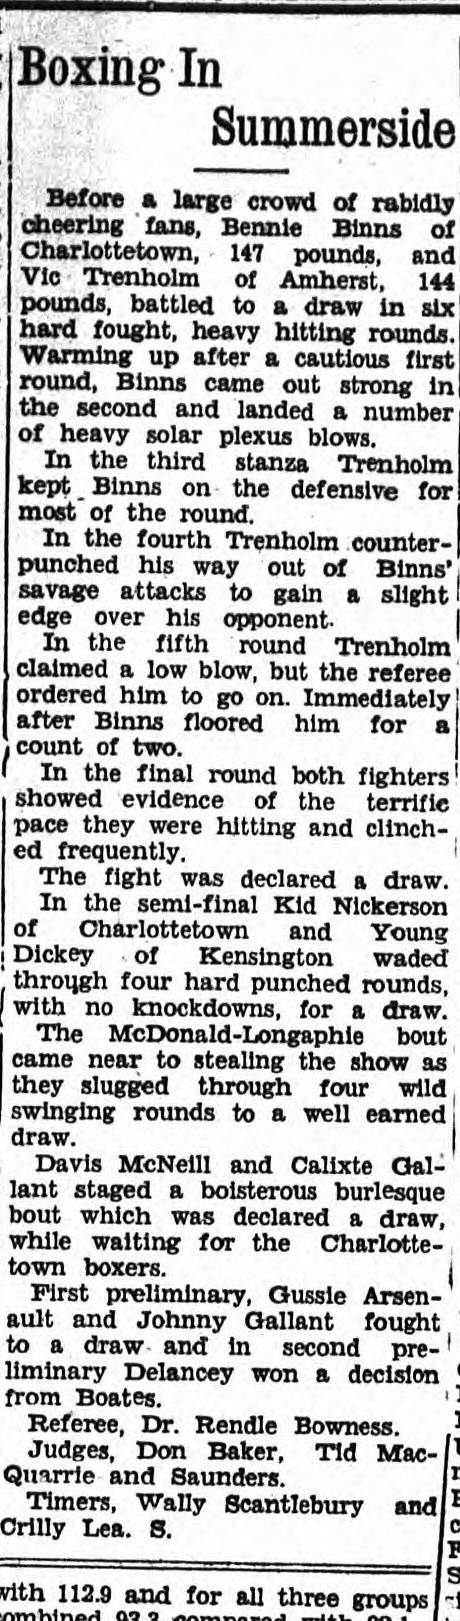 Page 11 (1) Dec 6, 1934